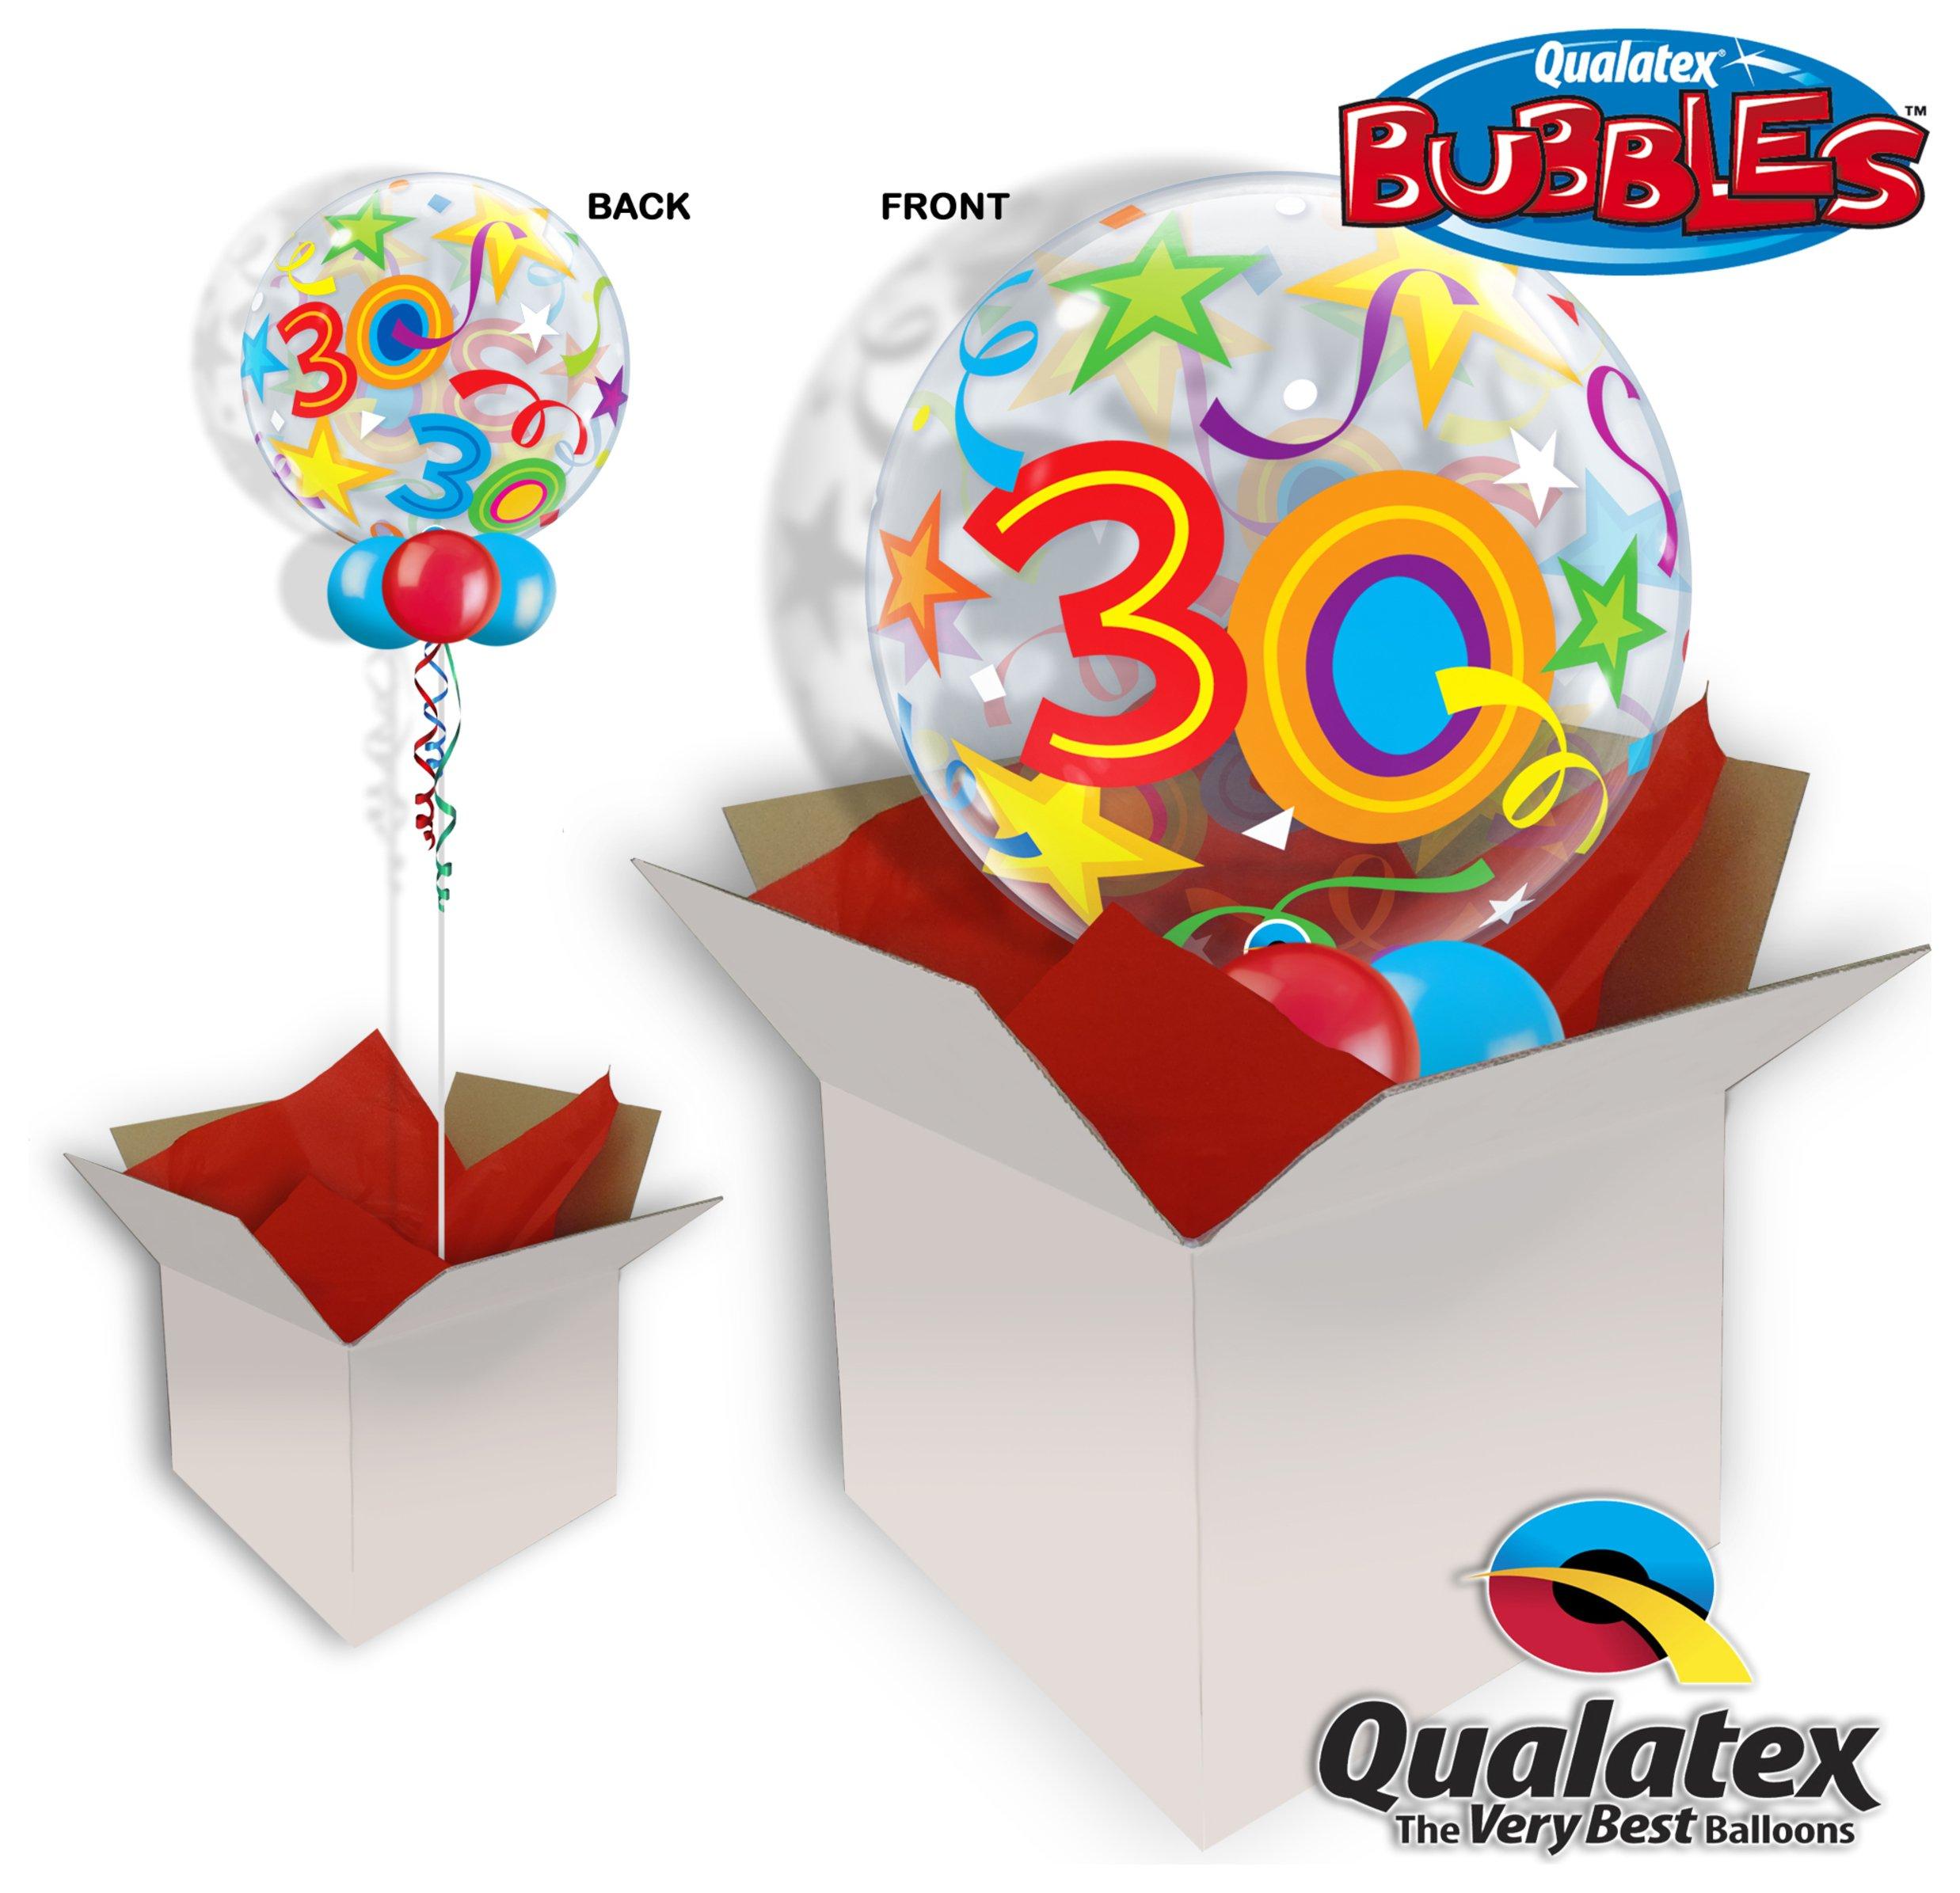 Image of 30th Brilliant Stars 22 Inch Bubble Balloon In A Box